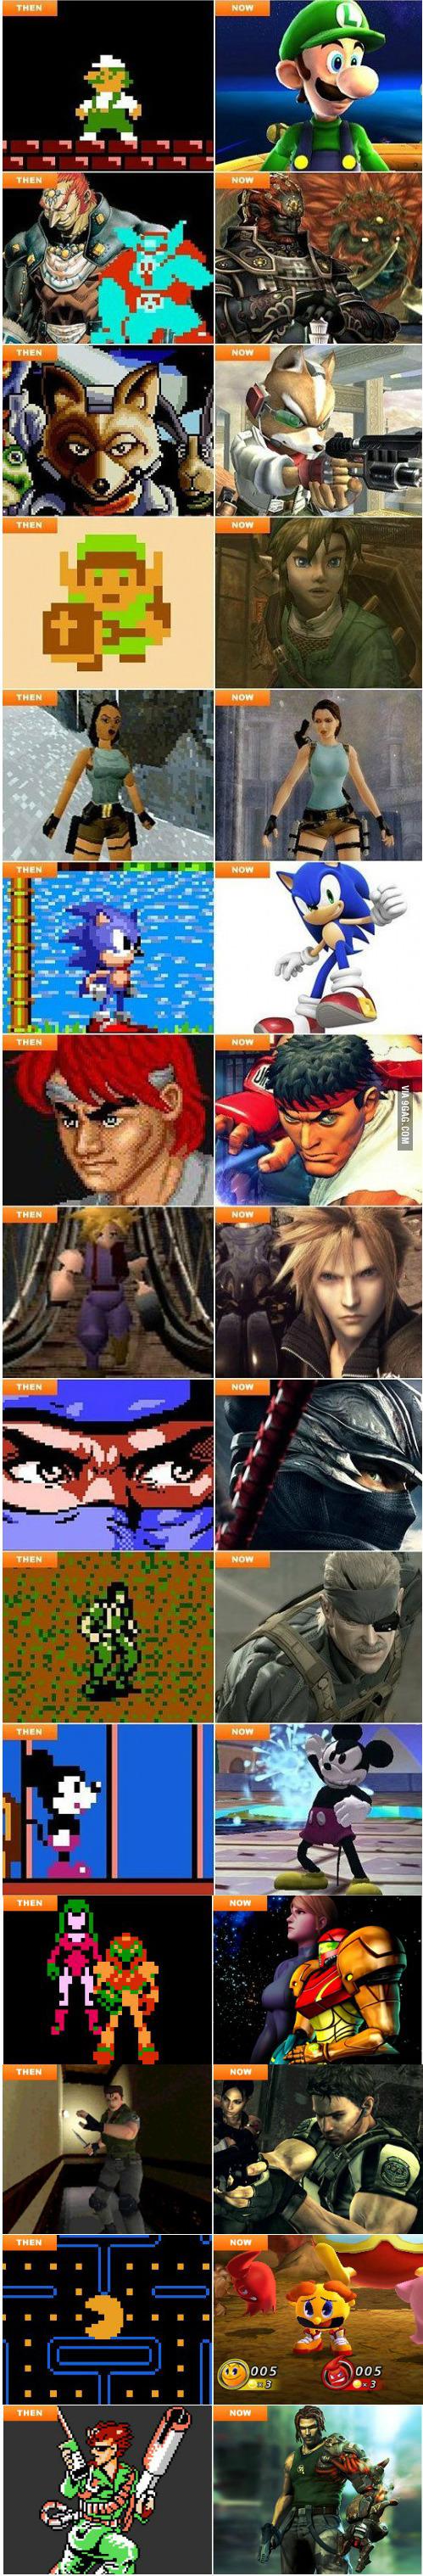 電玩角色的過去-vs-現在3